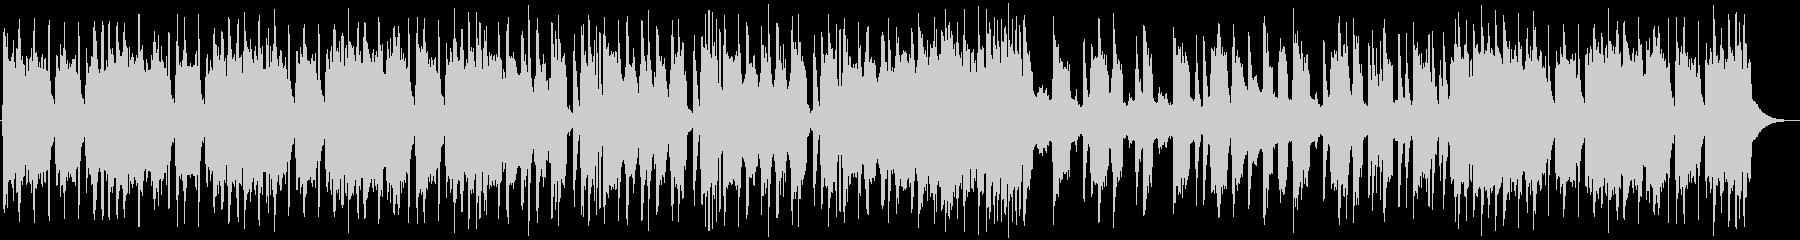 バッドさが全開のヘヴィメタル系BGMの未再生の波形